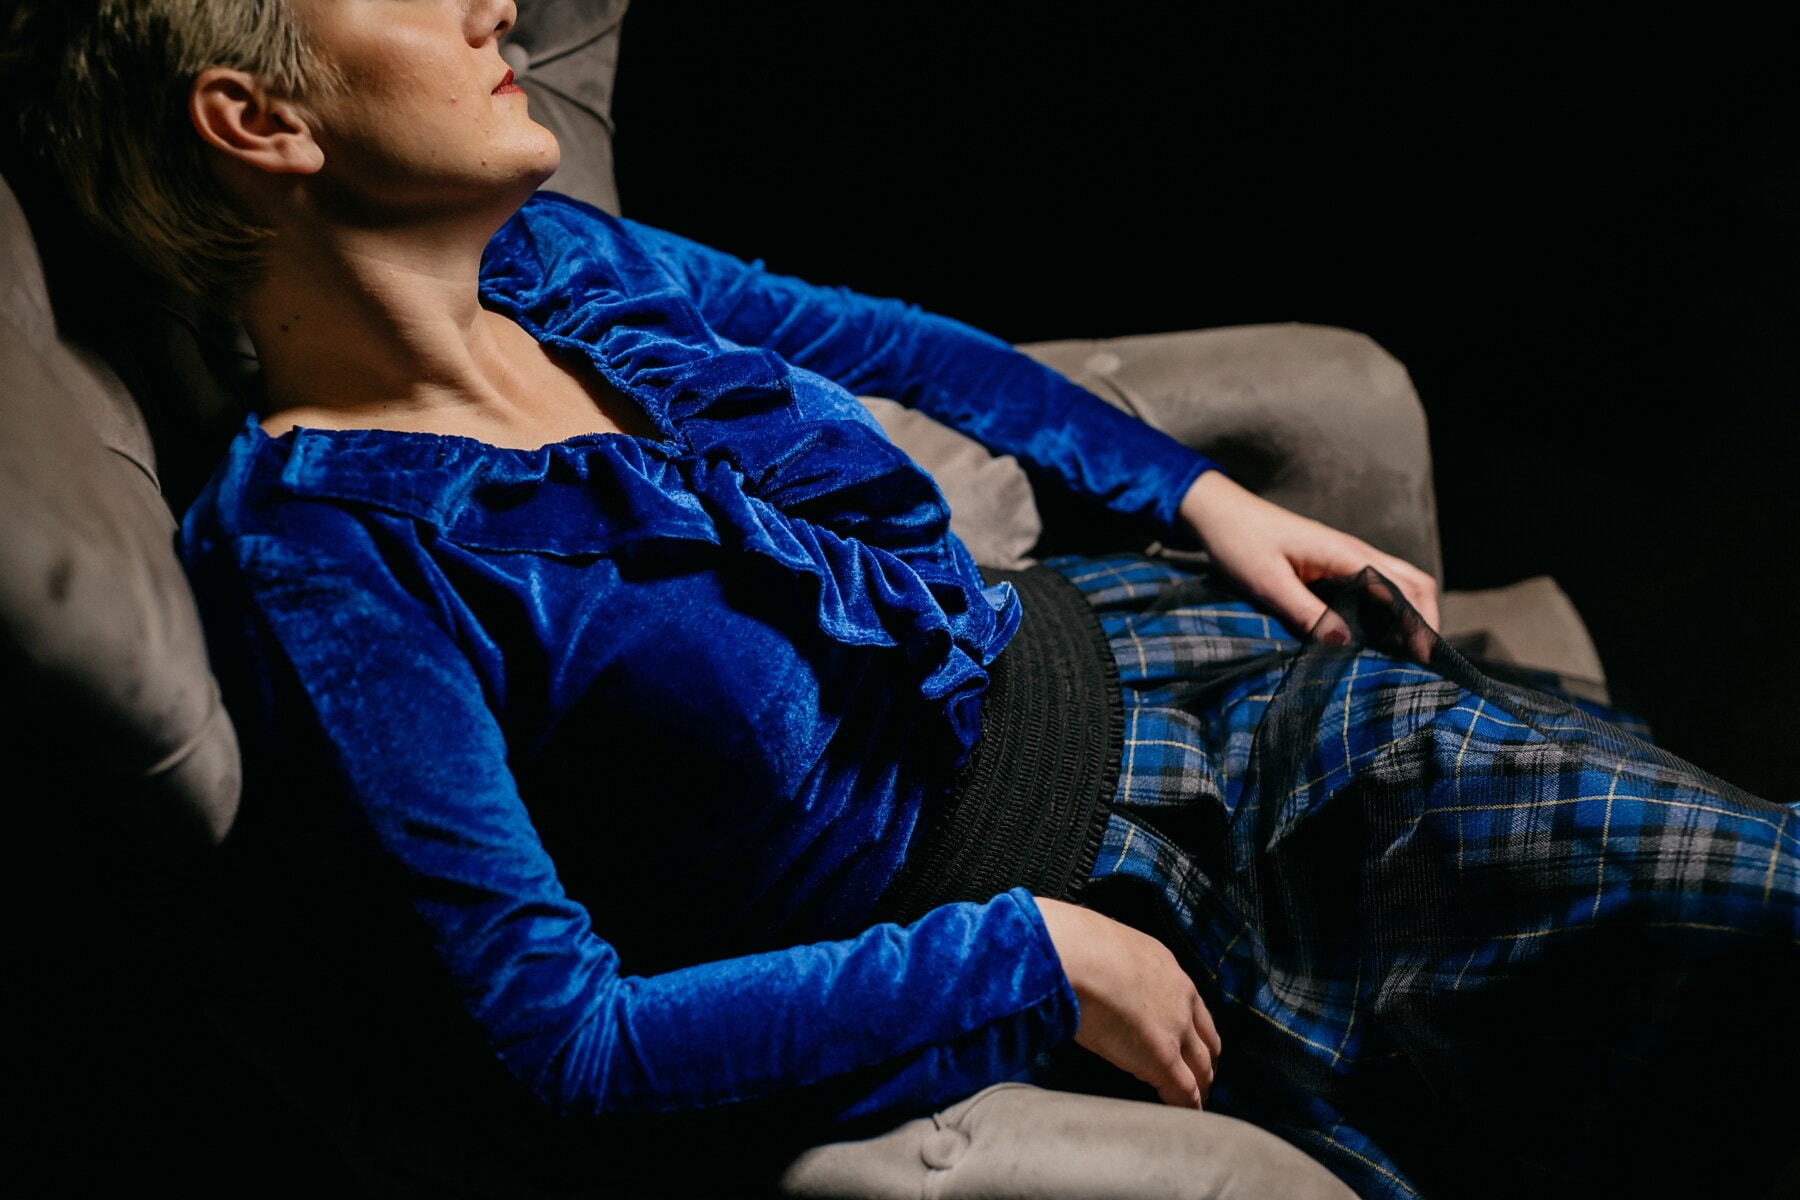 giovane donna, dormire, sdraiarsi, Poltrona, rilassamento, dormire, persone, verticale, luce, donna